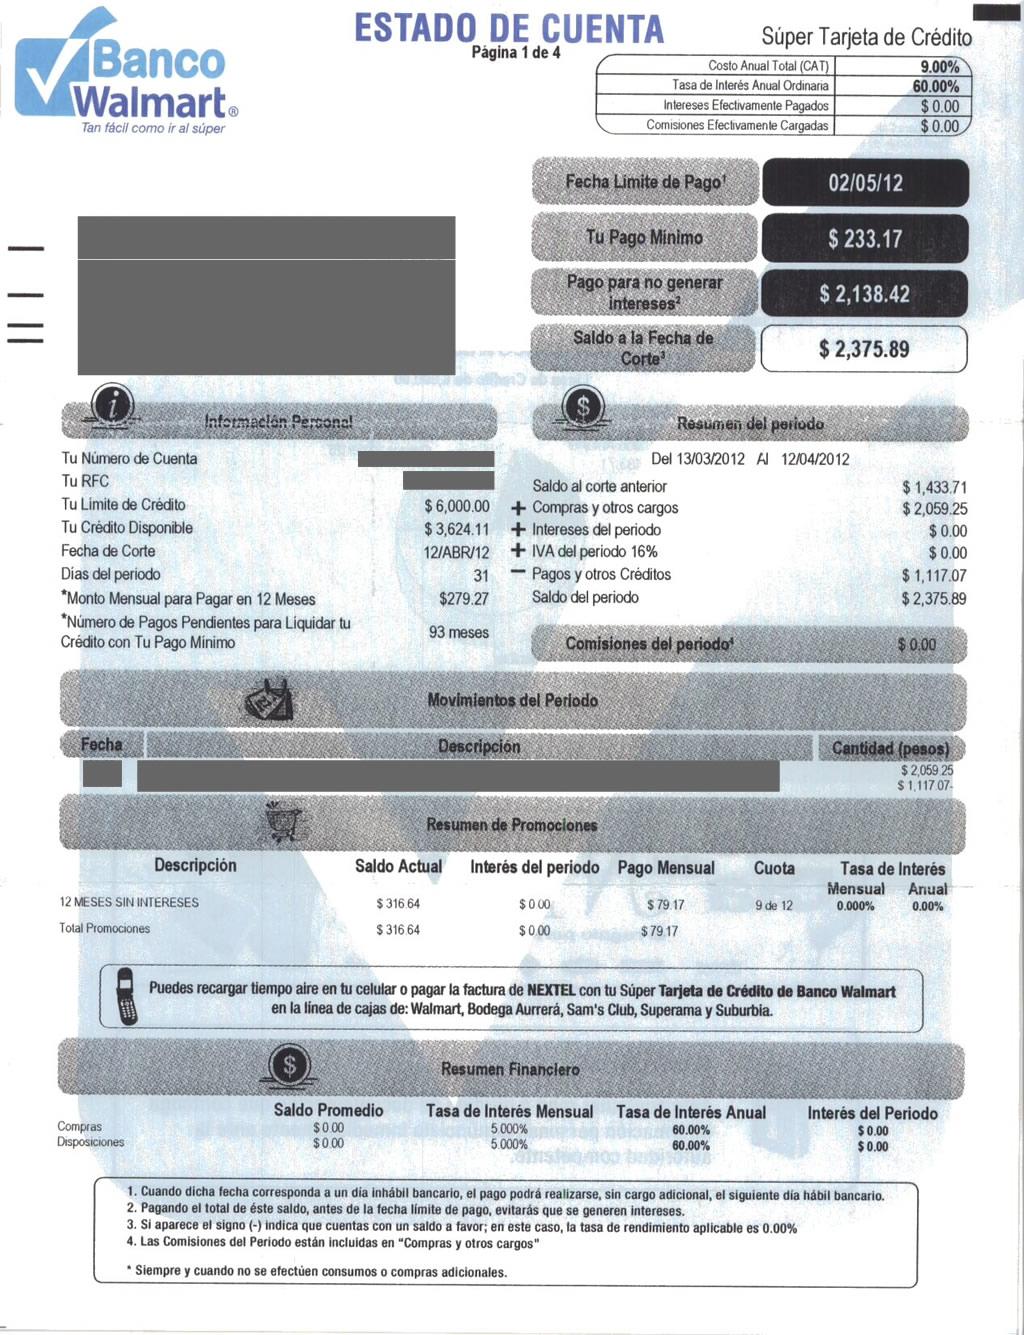 estado de cuenta de tarjeta banco walmart sam s club explicado